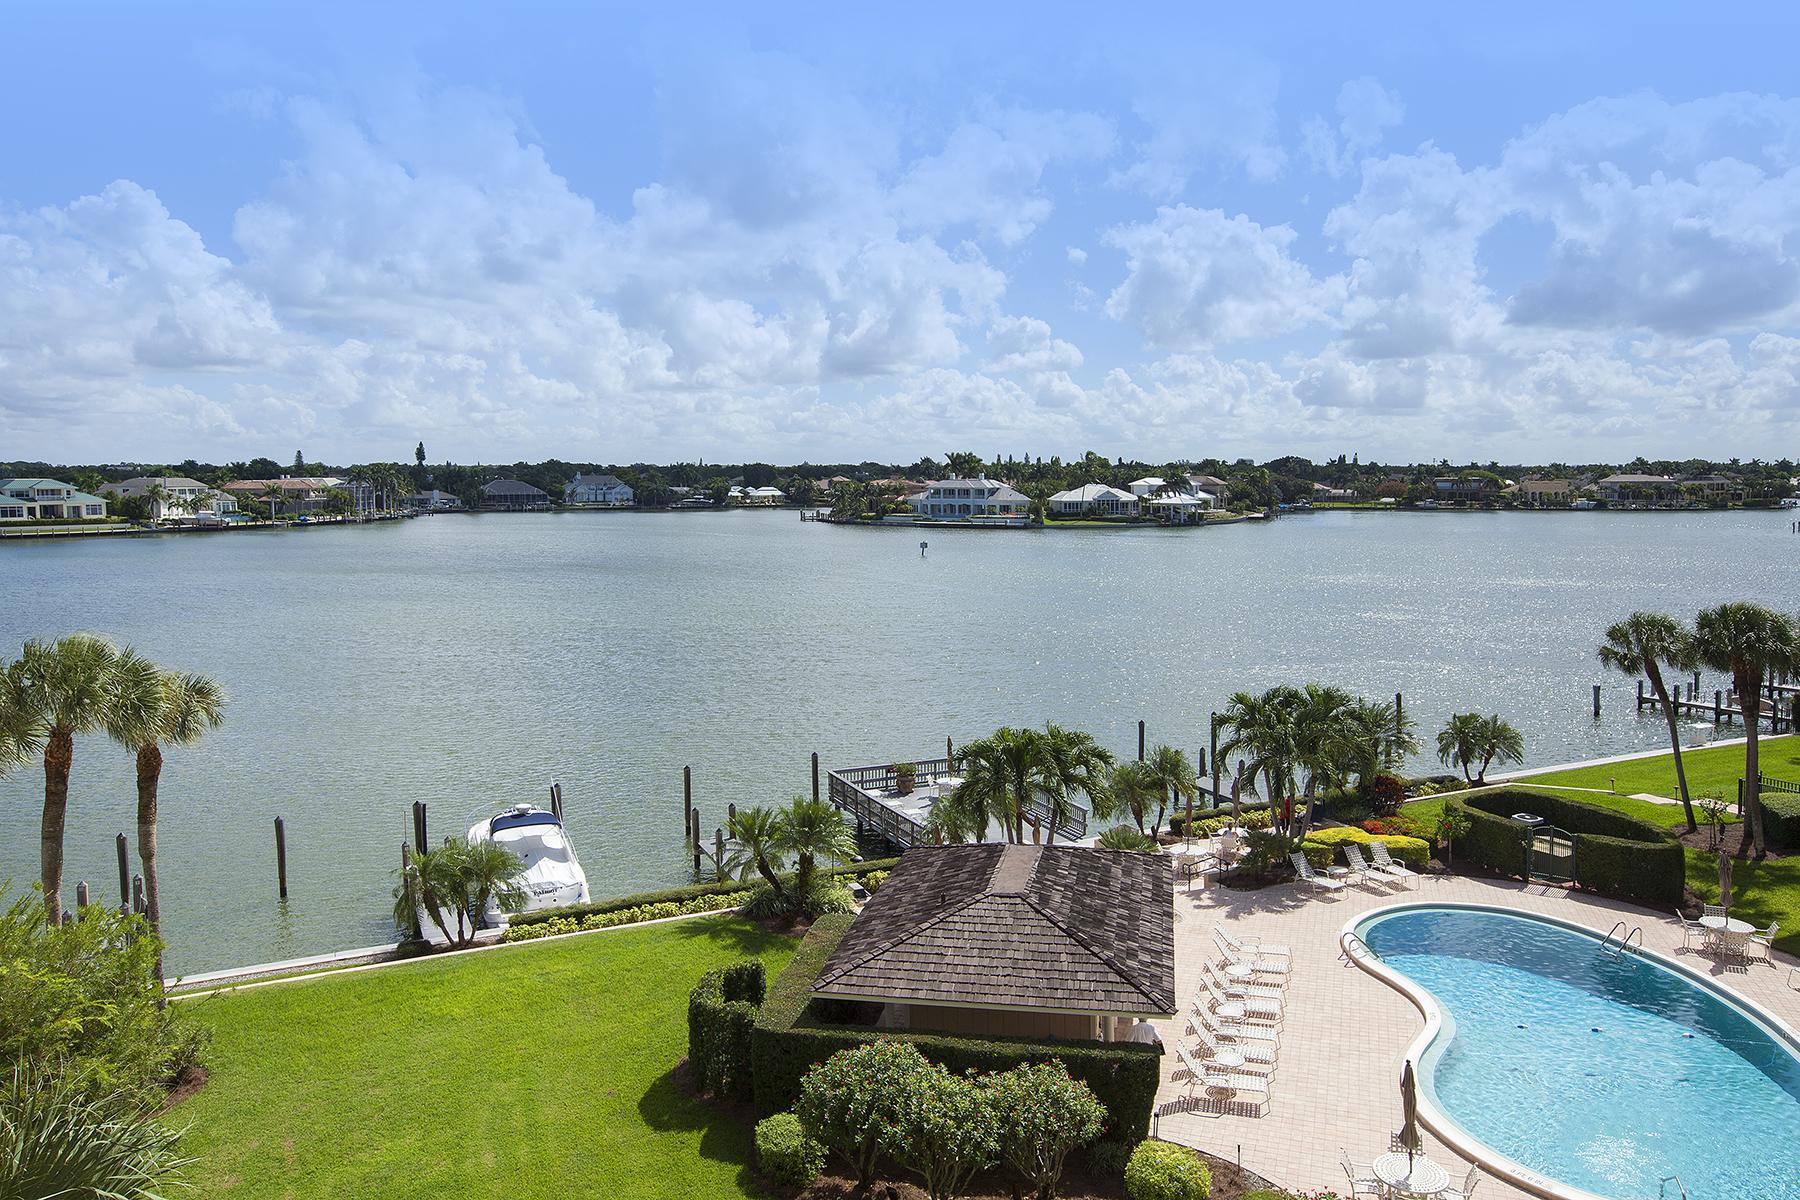 Eigentumswohnung für Verkauf beim PARK SHORE - VENETIAN COVE CLUB 3500 Gulf Shore Blvd N 503 Naples, Florida, 34103 Vereinigte Staaten